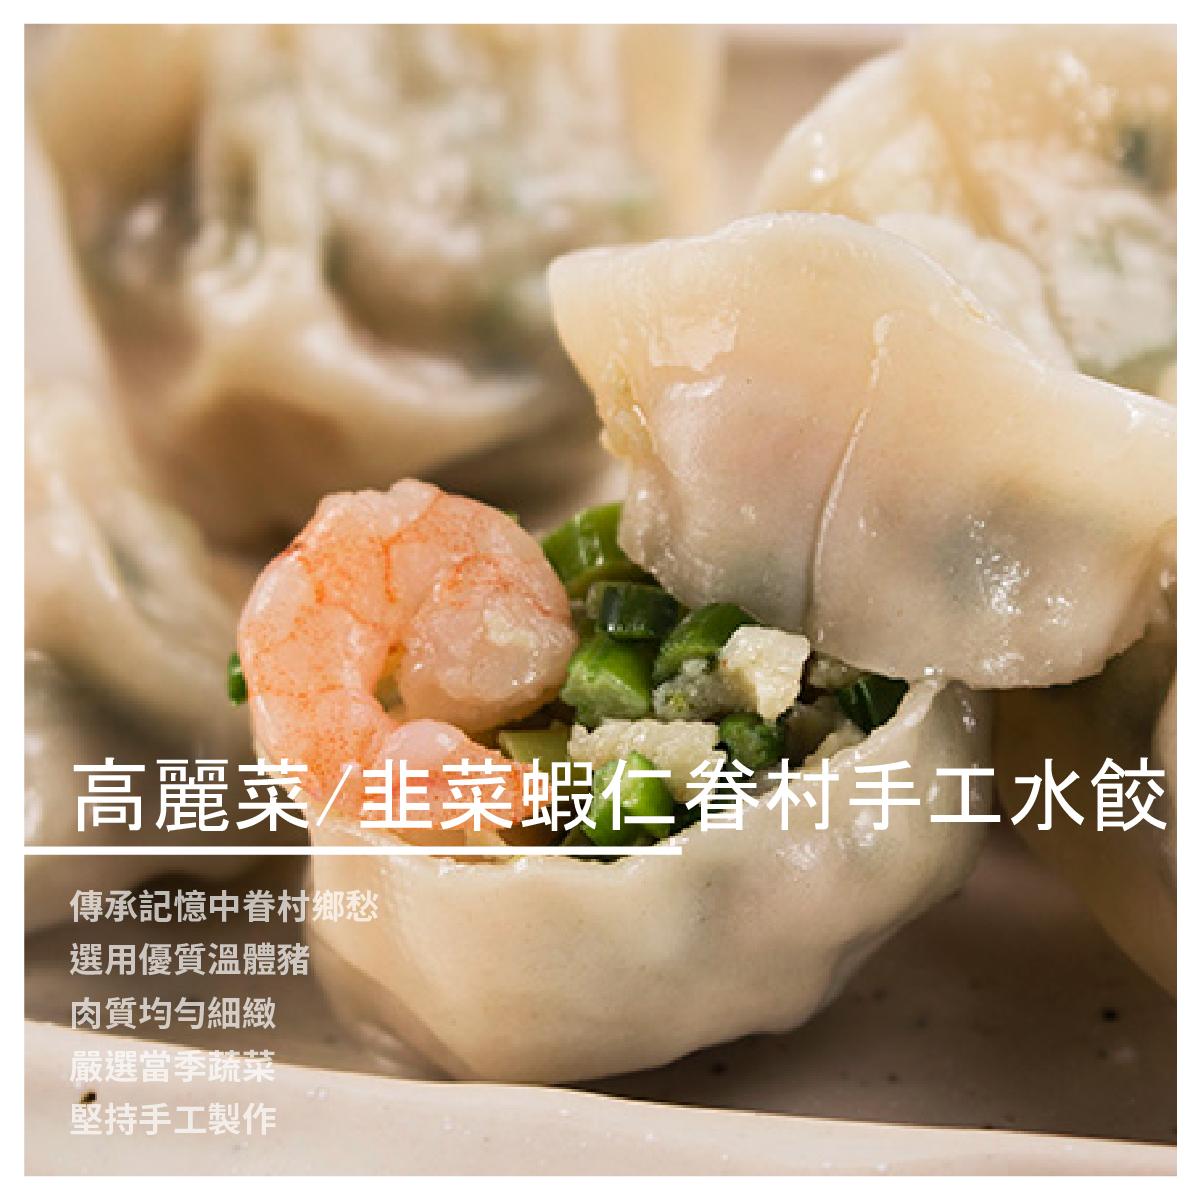 【阿琴の水餃】高麗菜/韭菜 蝦仁 眷村手工水餃